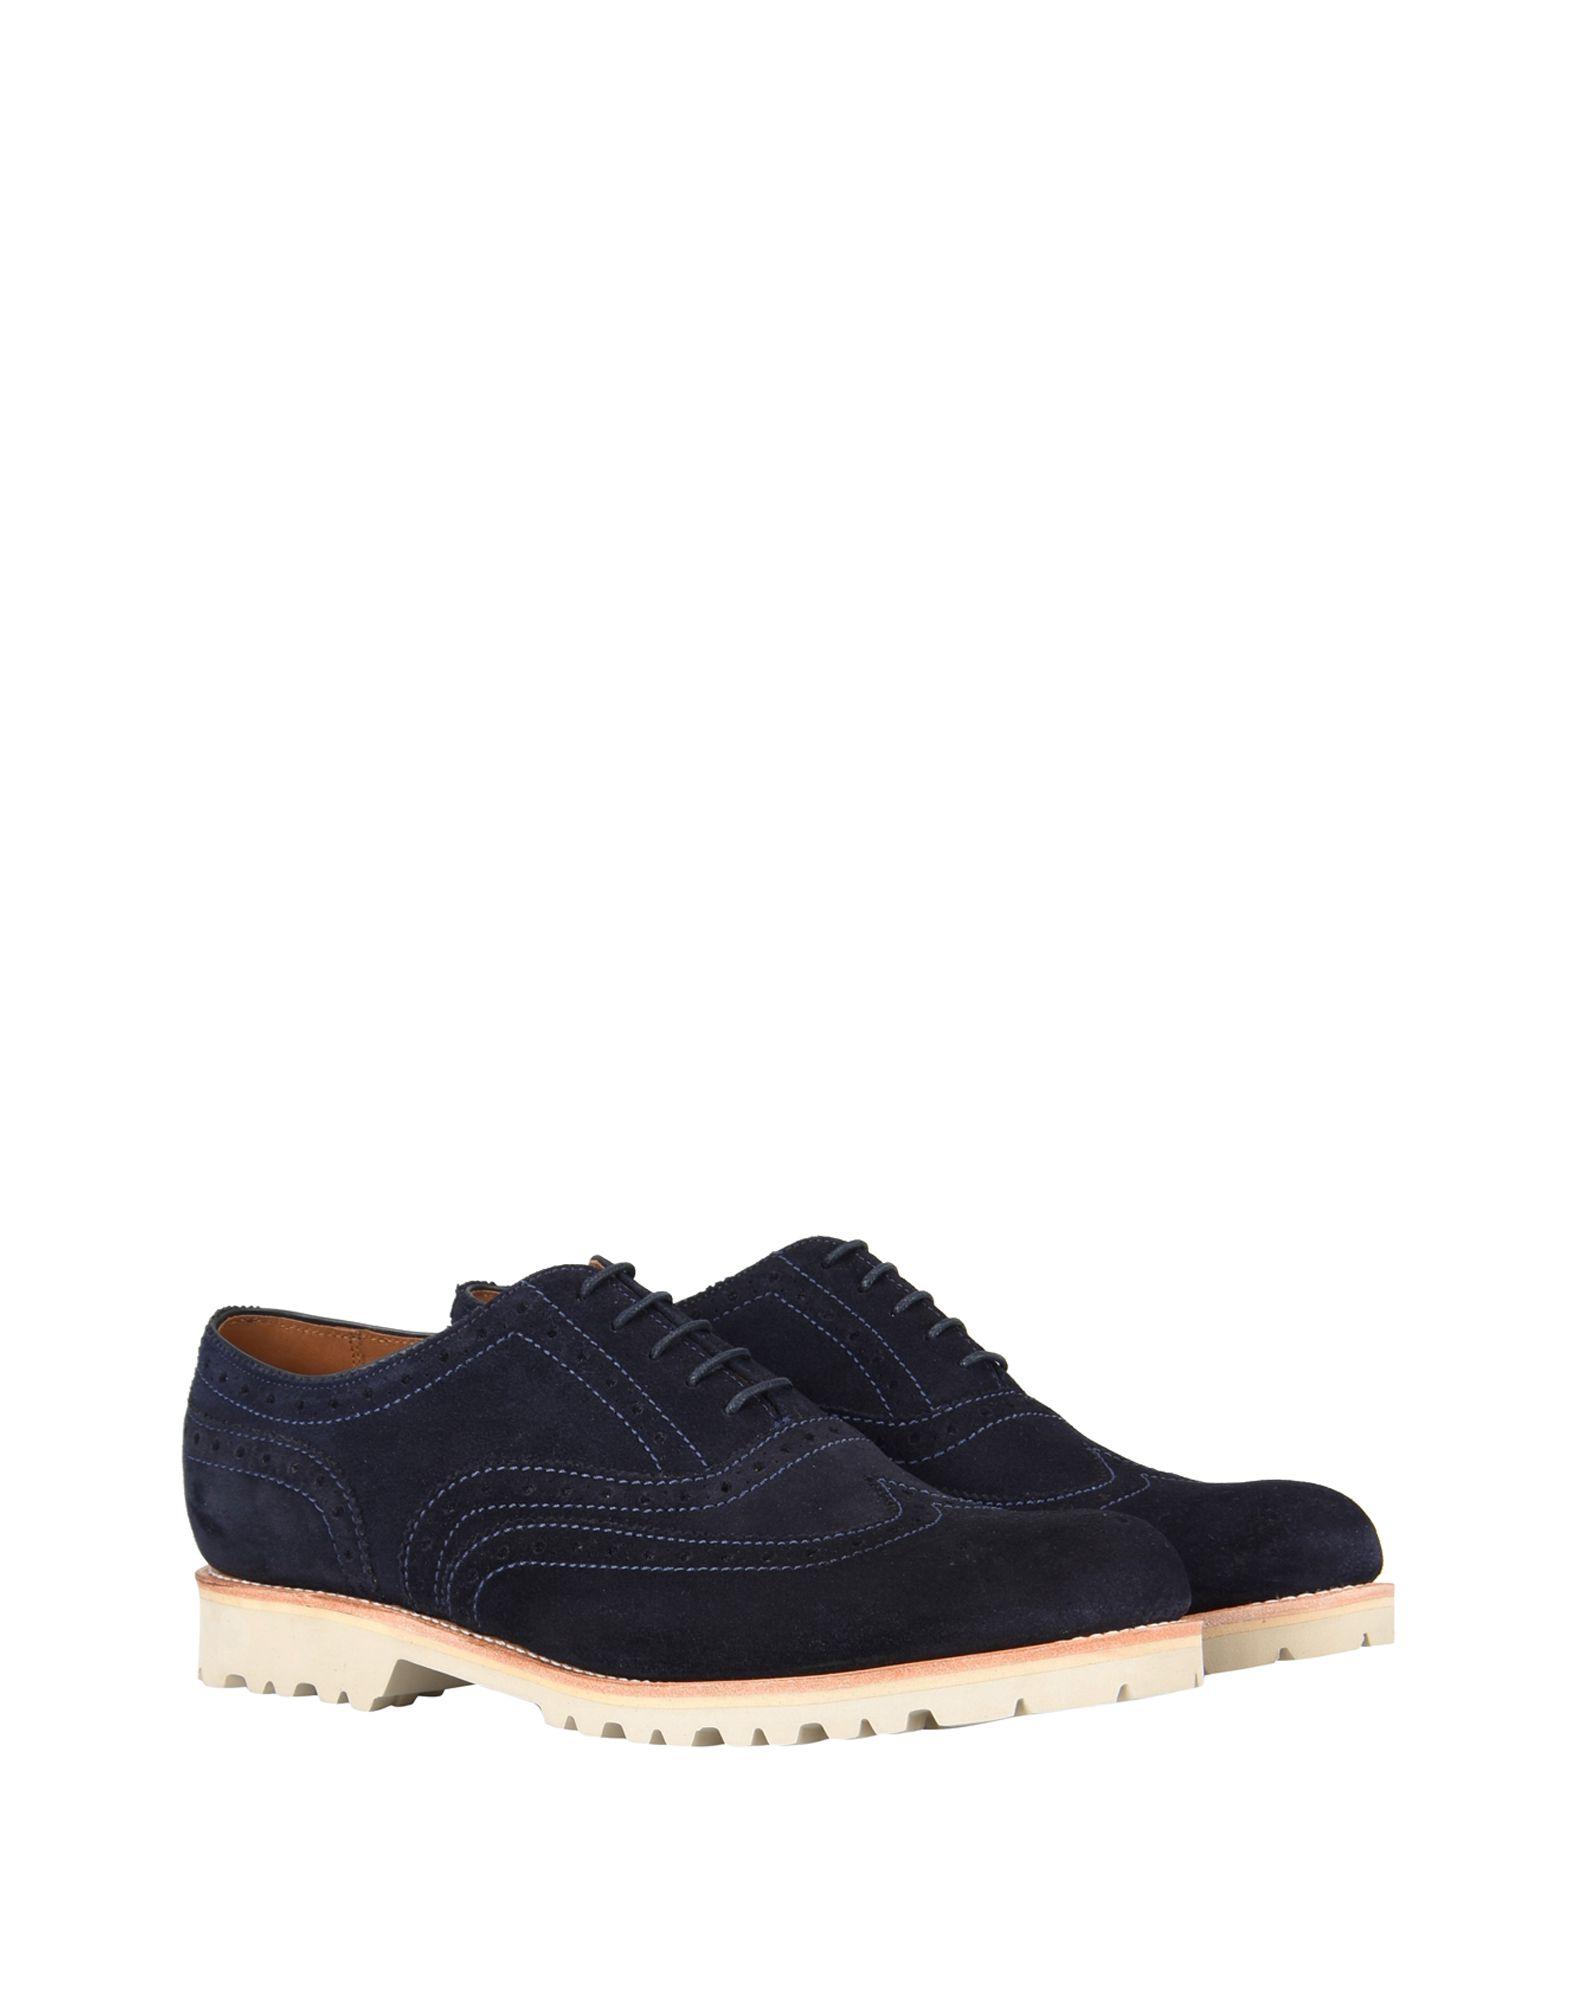 Grenson Schnürschuhe Herren  11179098UU Gute Qualität beliebte Schuhe